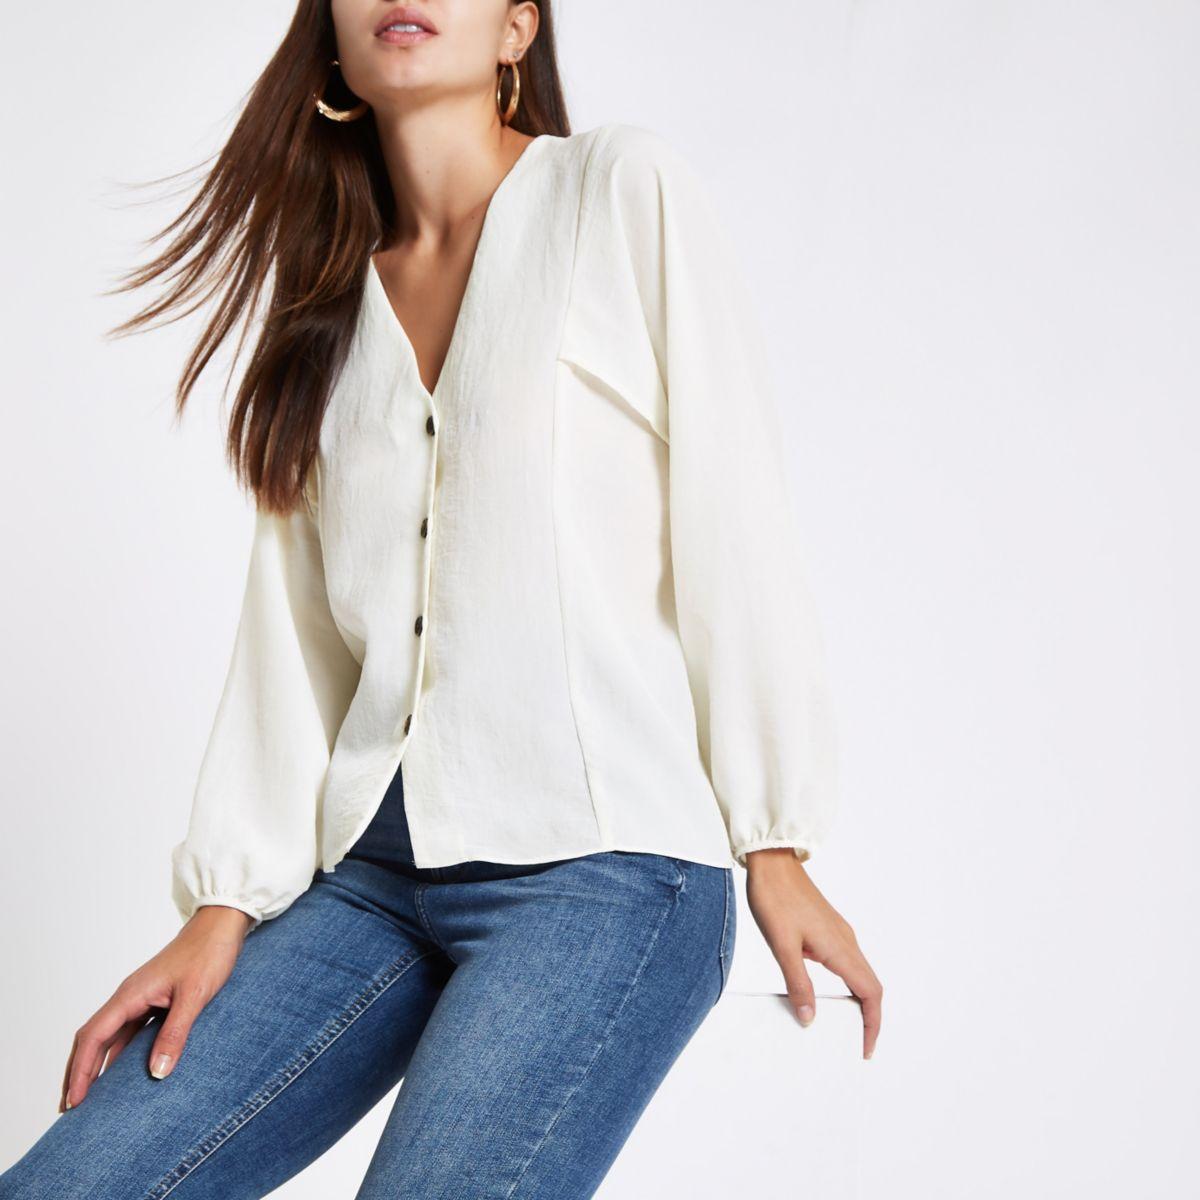 Cream button up v neck blouse